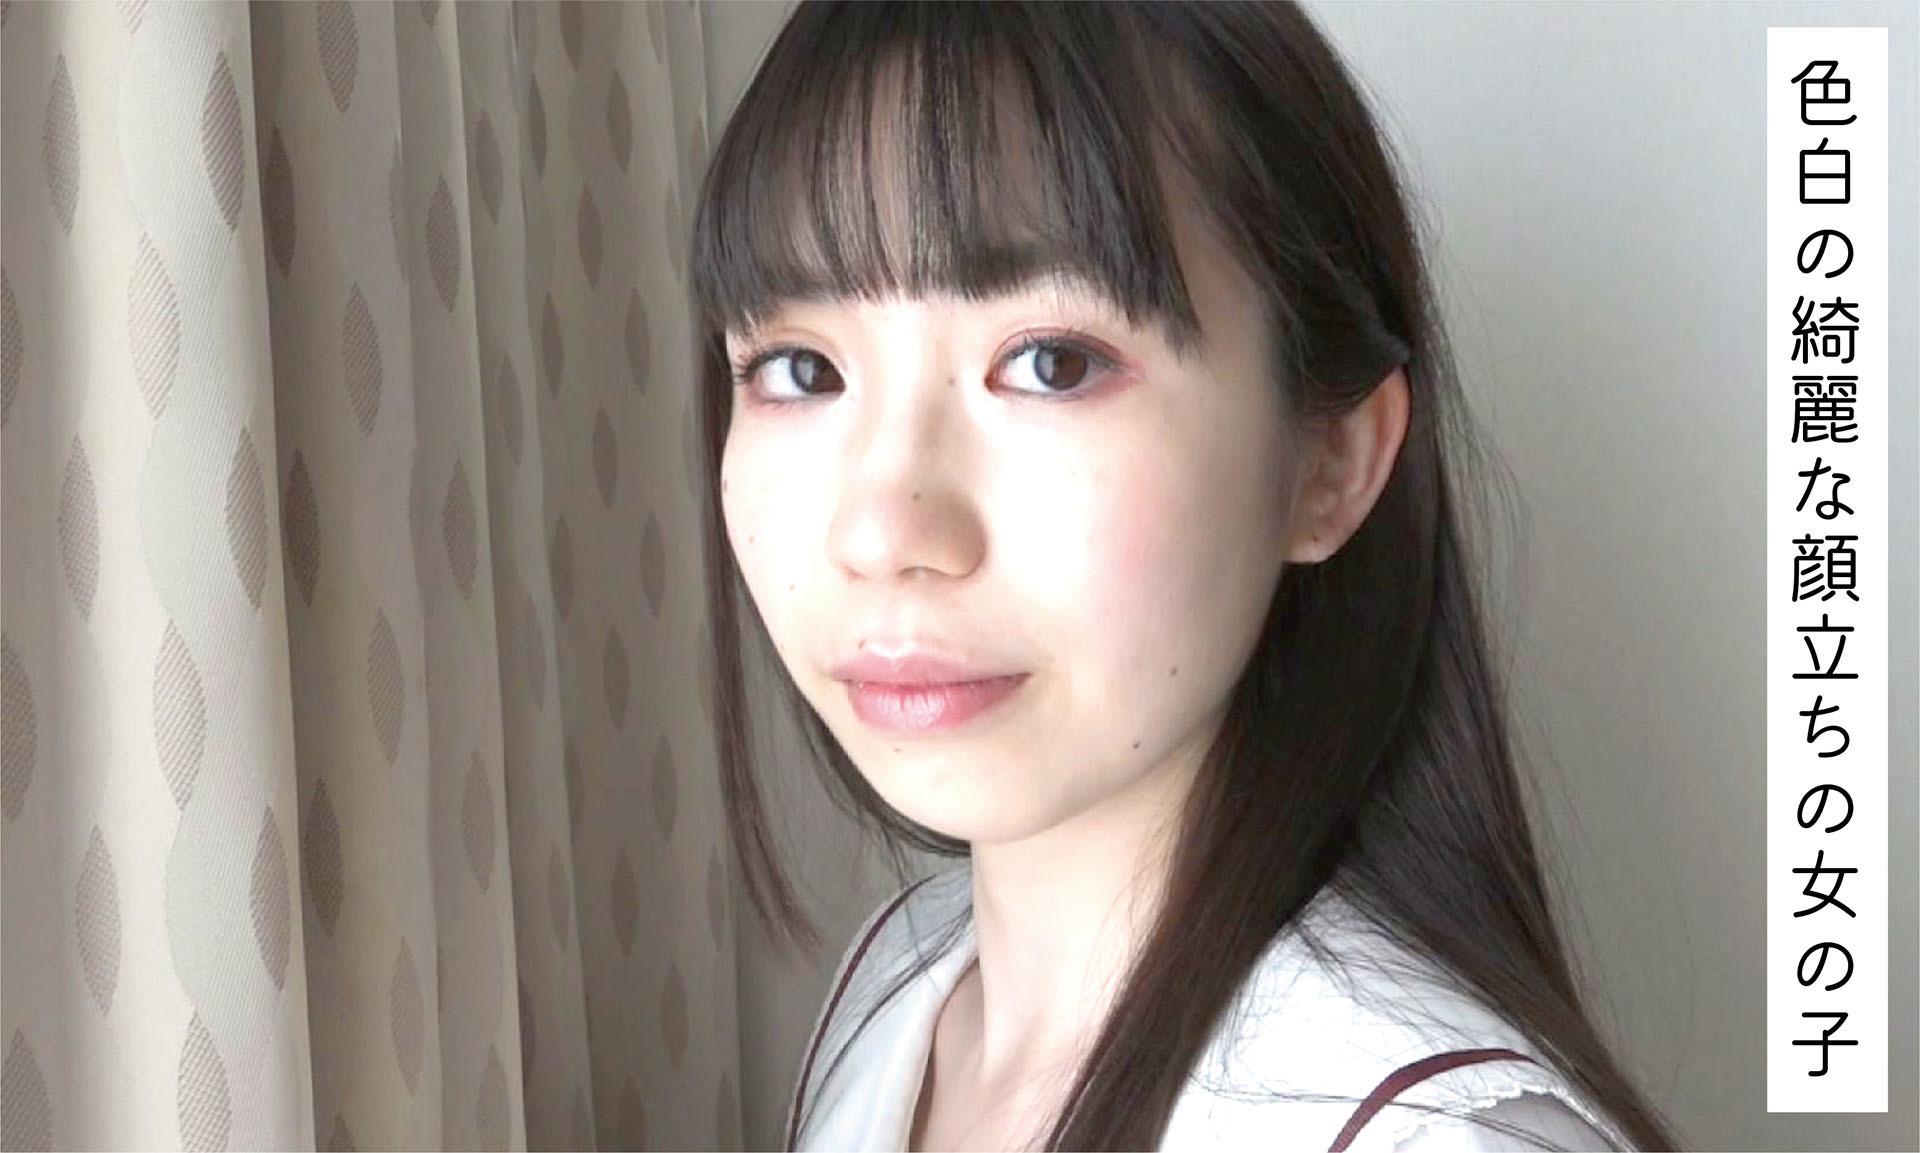 普通の家庭で育ったフツーの女の子がAVを処女喪失の場所に選んだ理由。 内田真綾